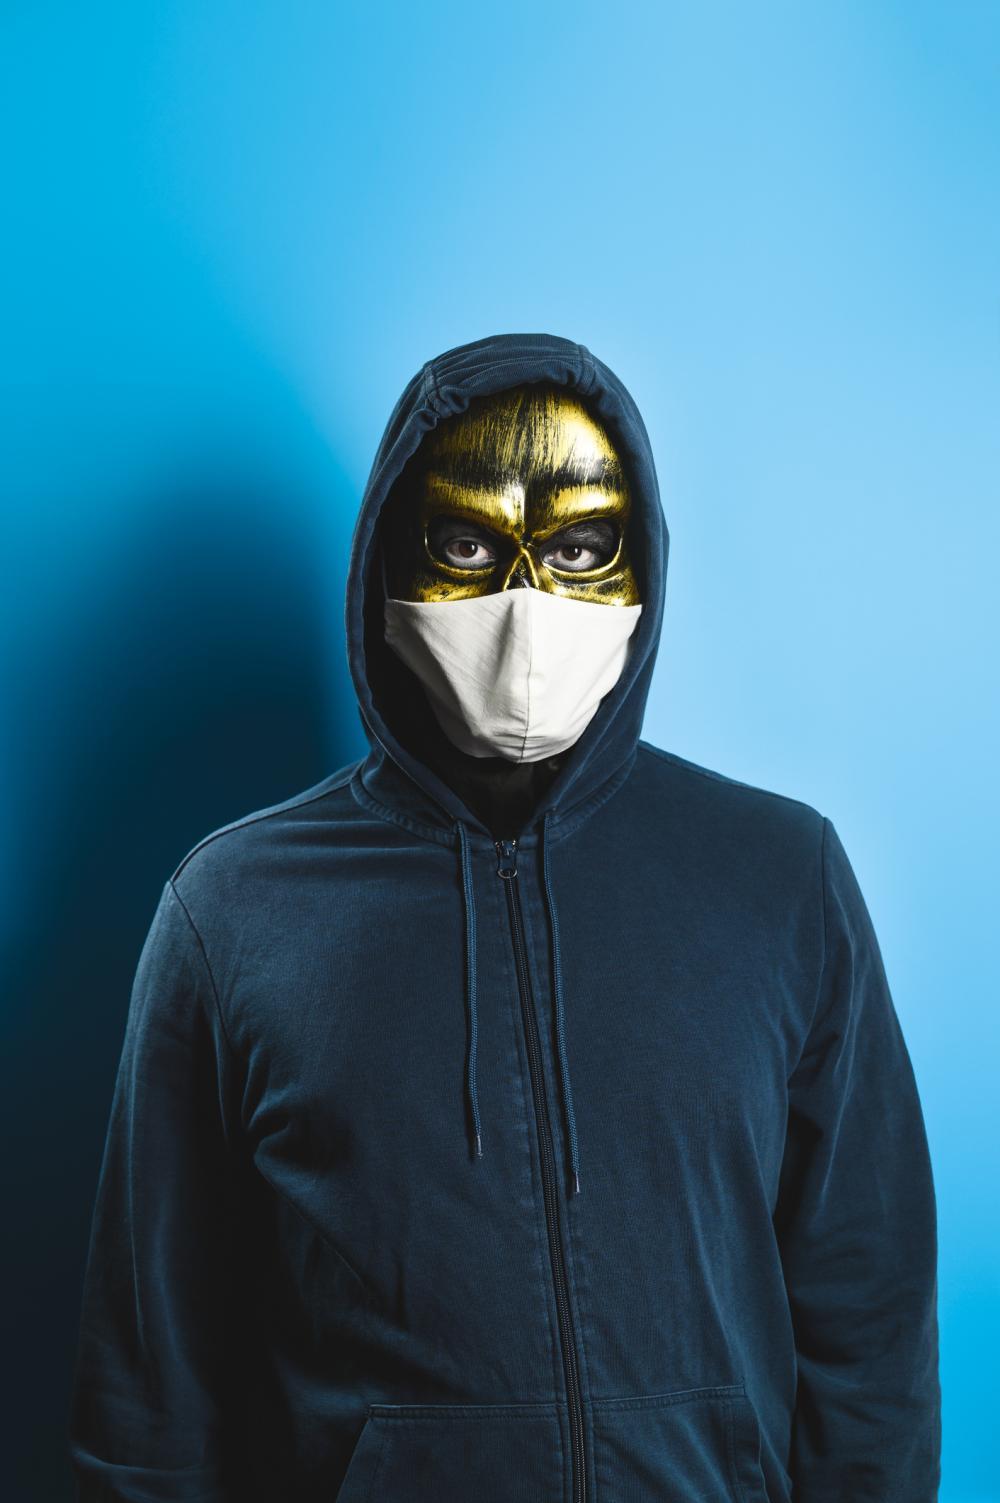 Medical mask skeleton face paint